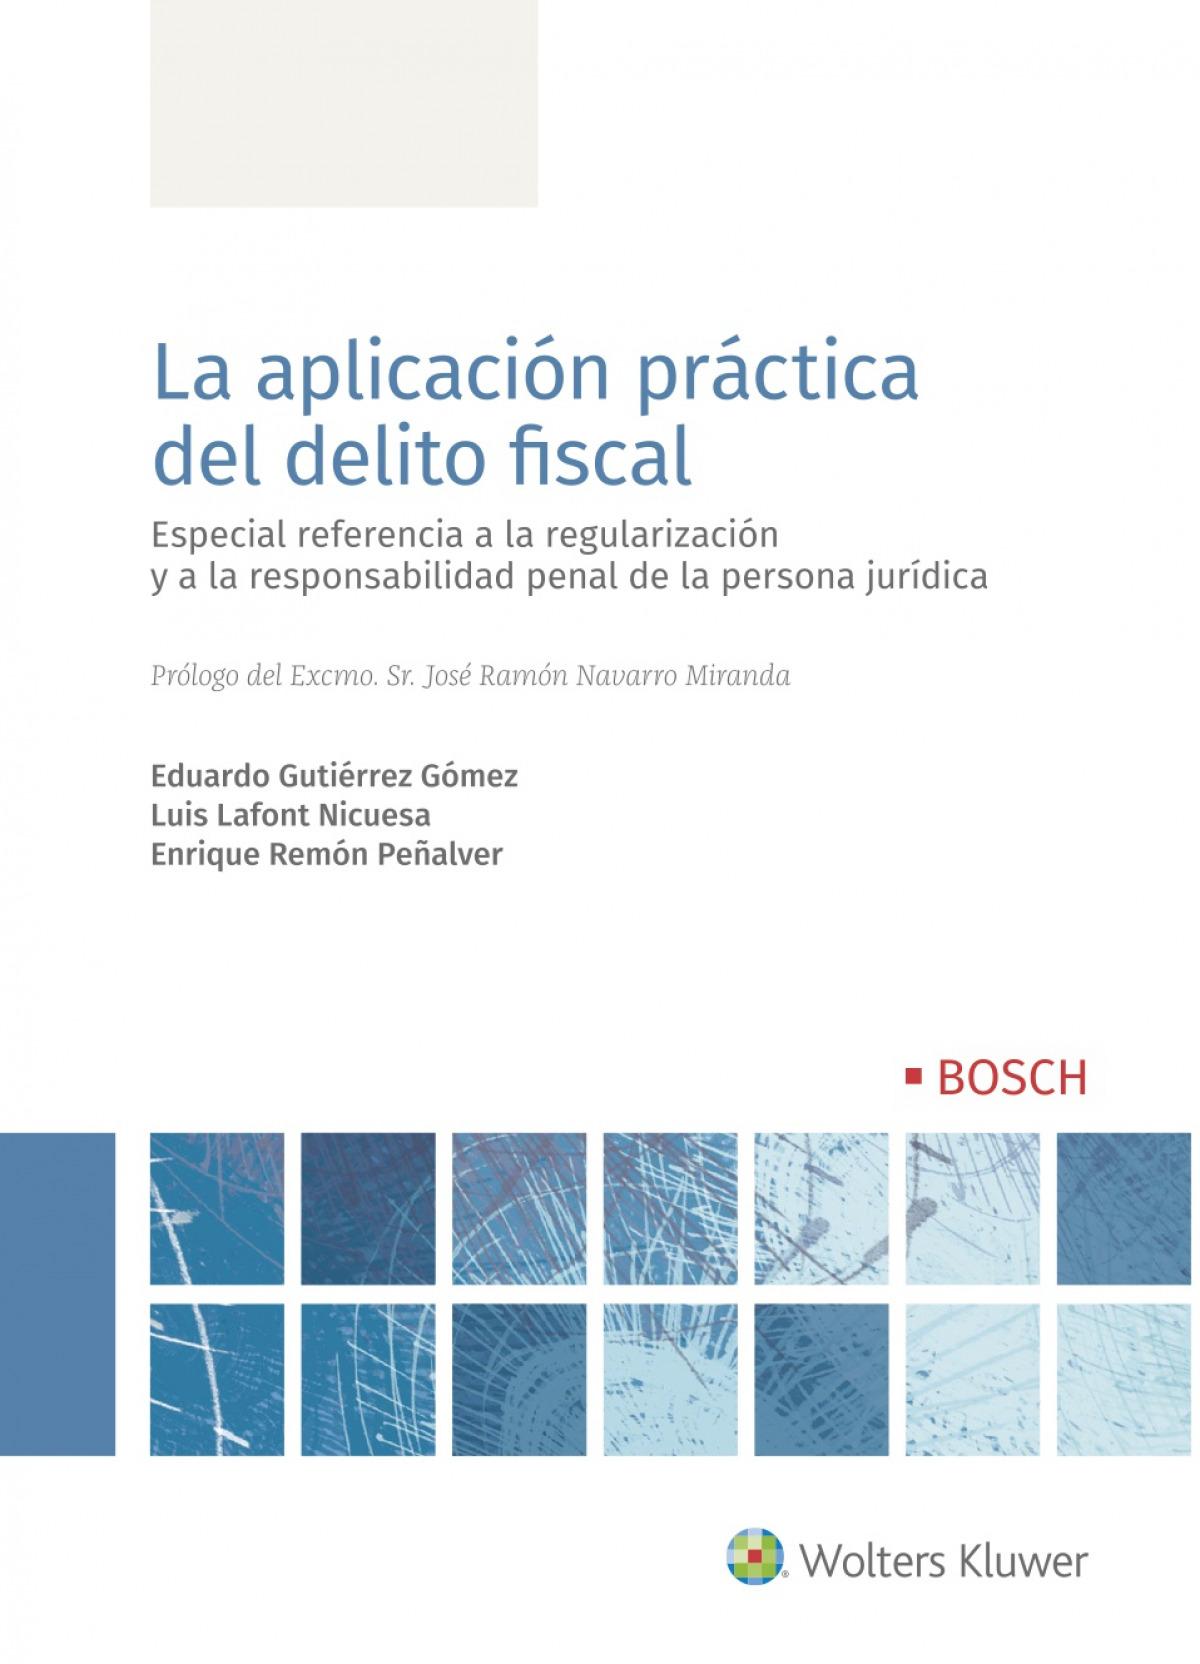 La aplicación práctica del delito fiscal